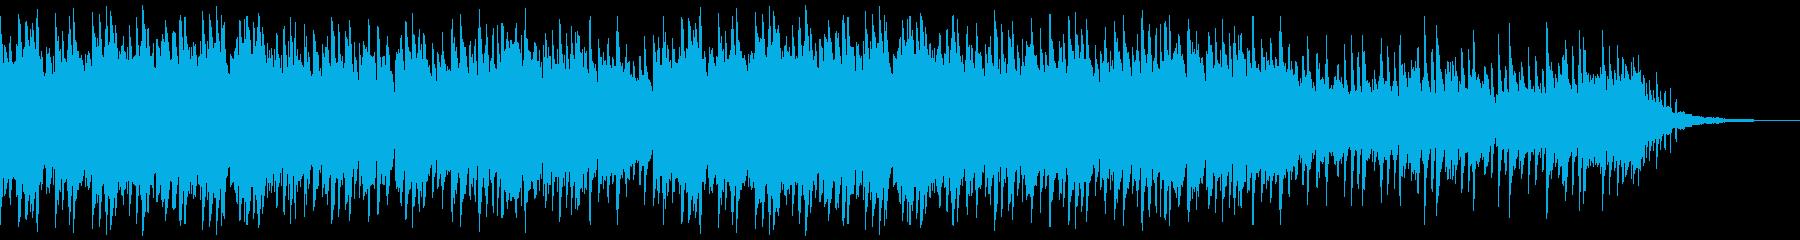 感動場面にアコースティックピアノ伴奏風曲の再生済みの波形